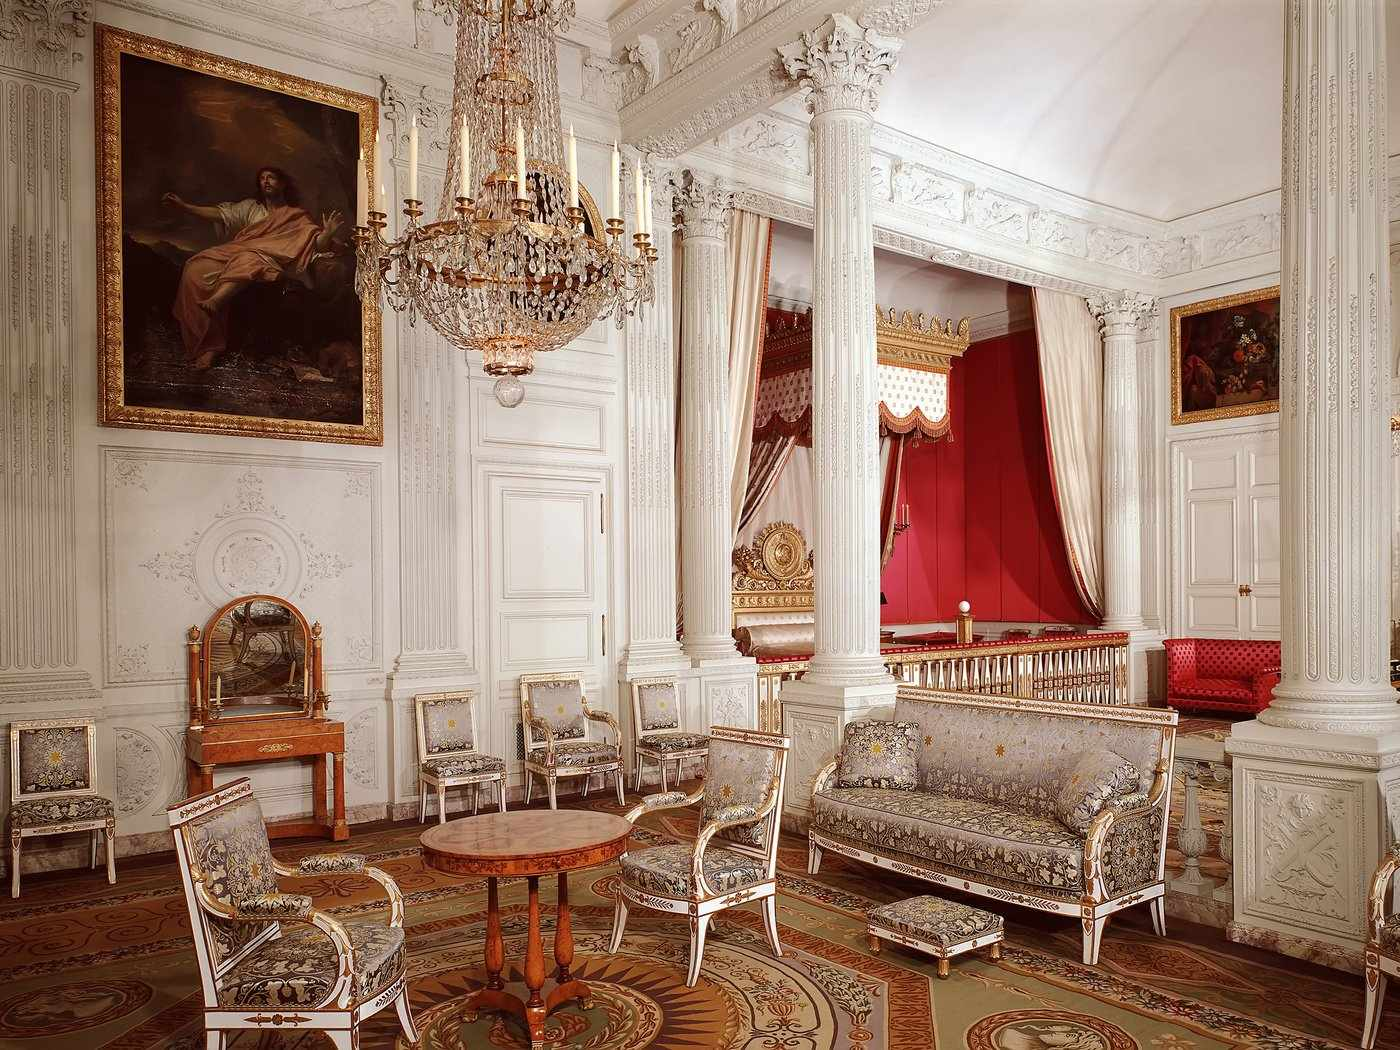 Светлые тона в интерьере в дворцовом стиле